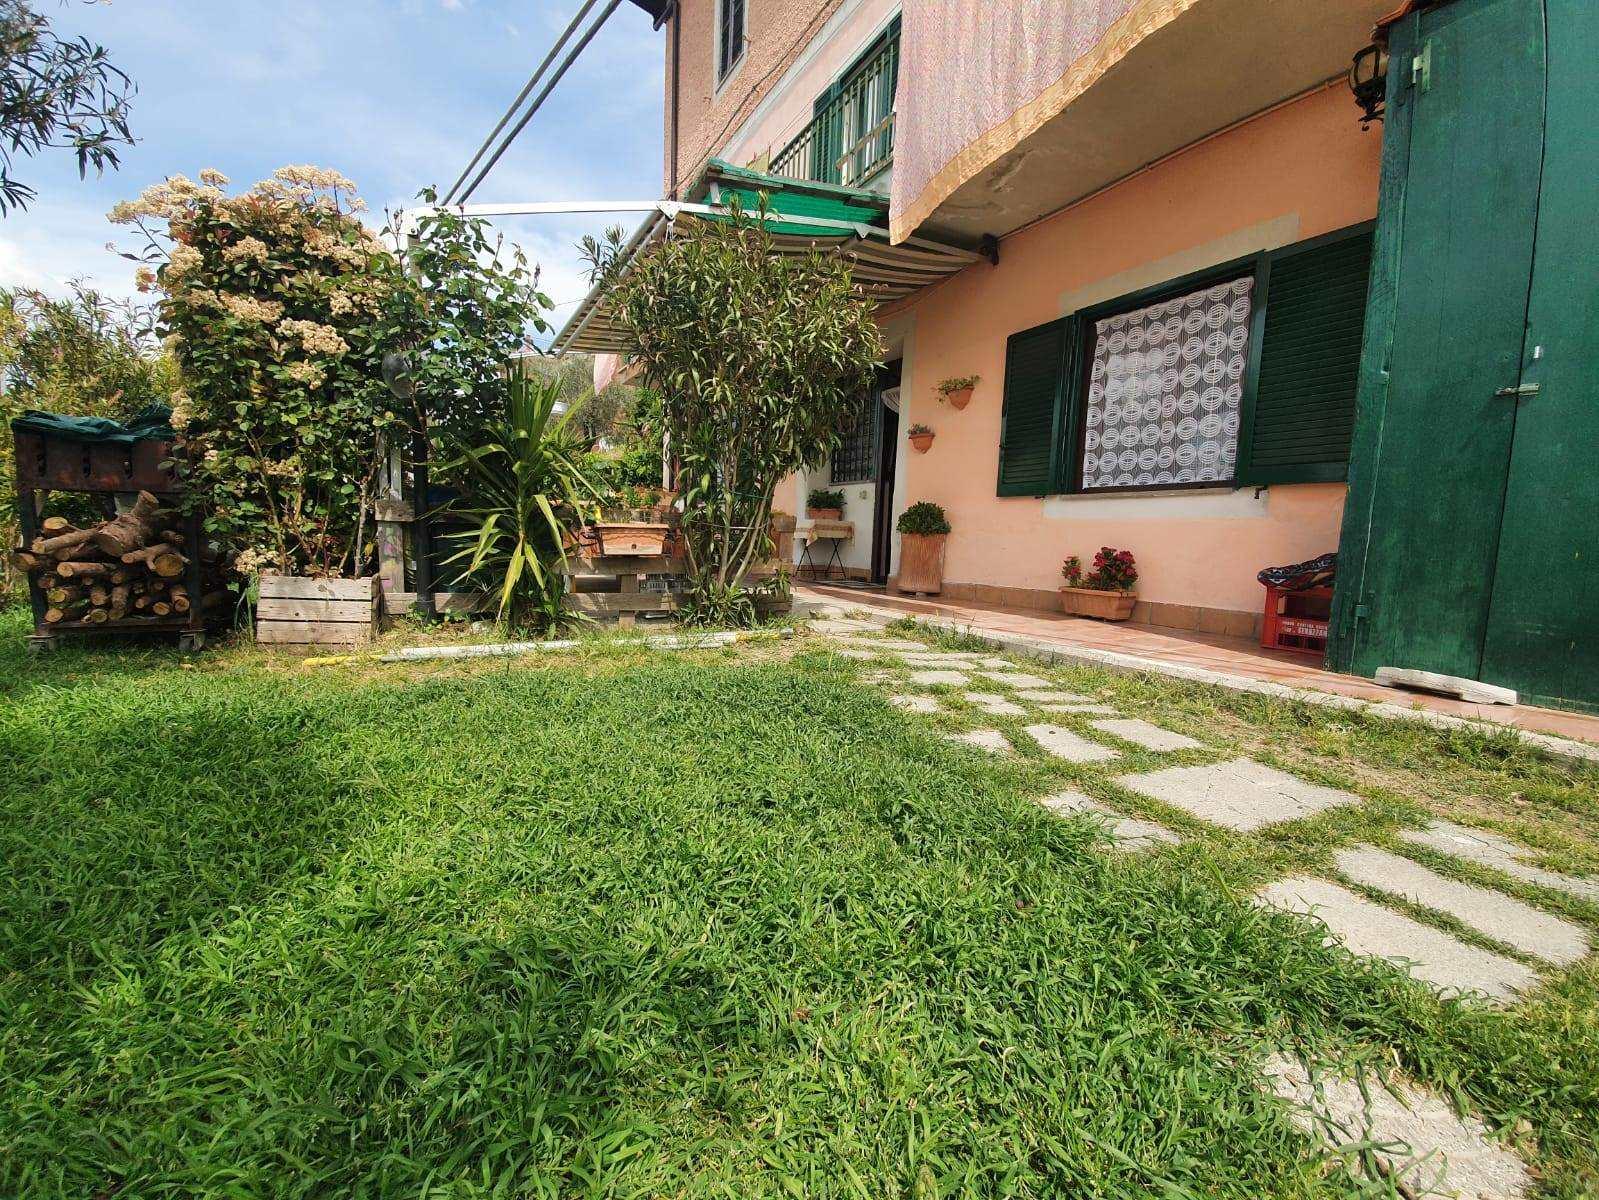 Appartamento in vendita a Nazzano, 4 locali, prezzo € 99.000 | CambioCasa.it